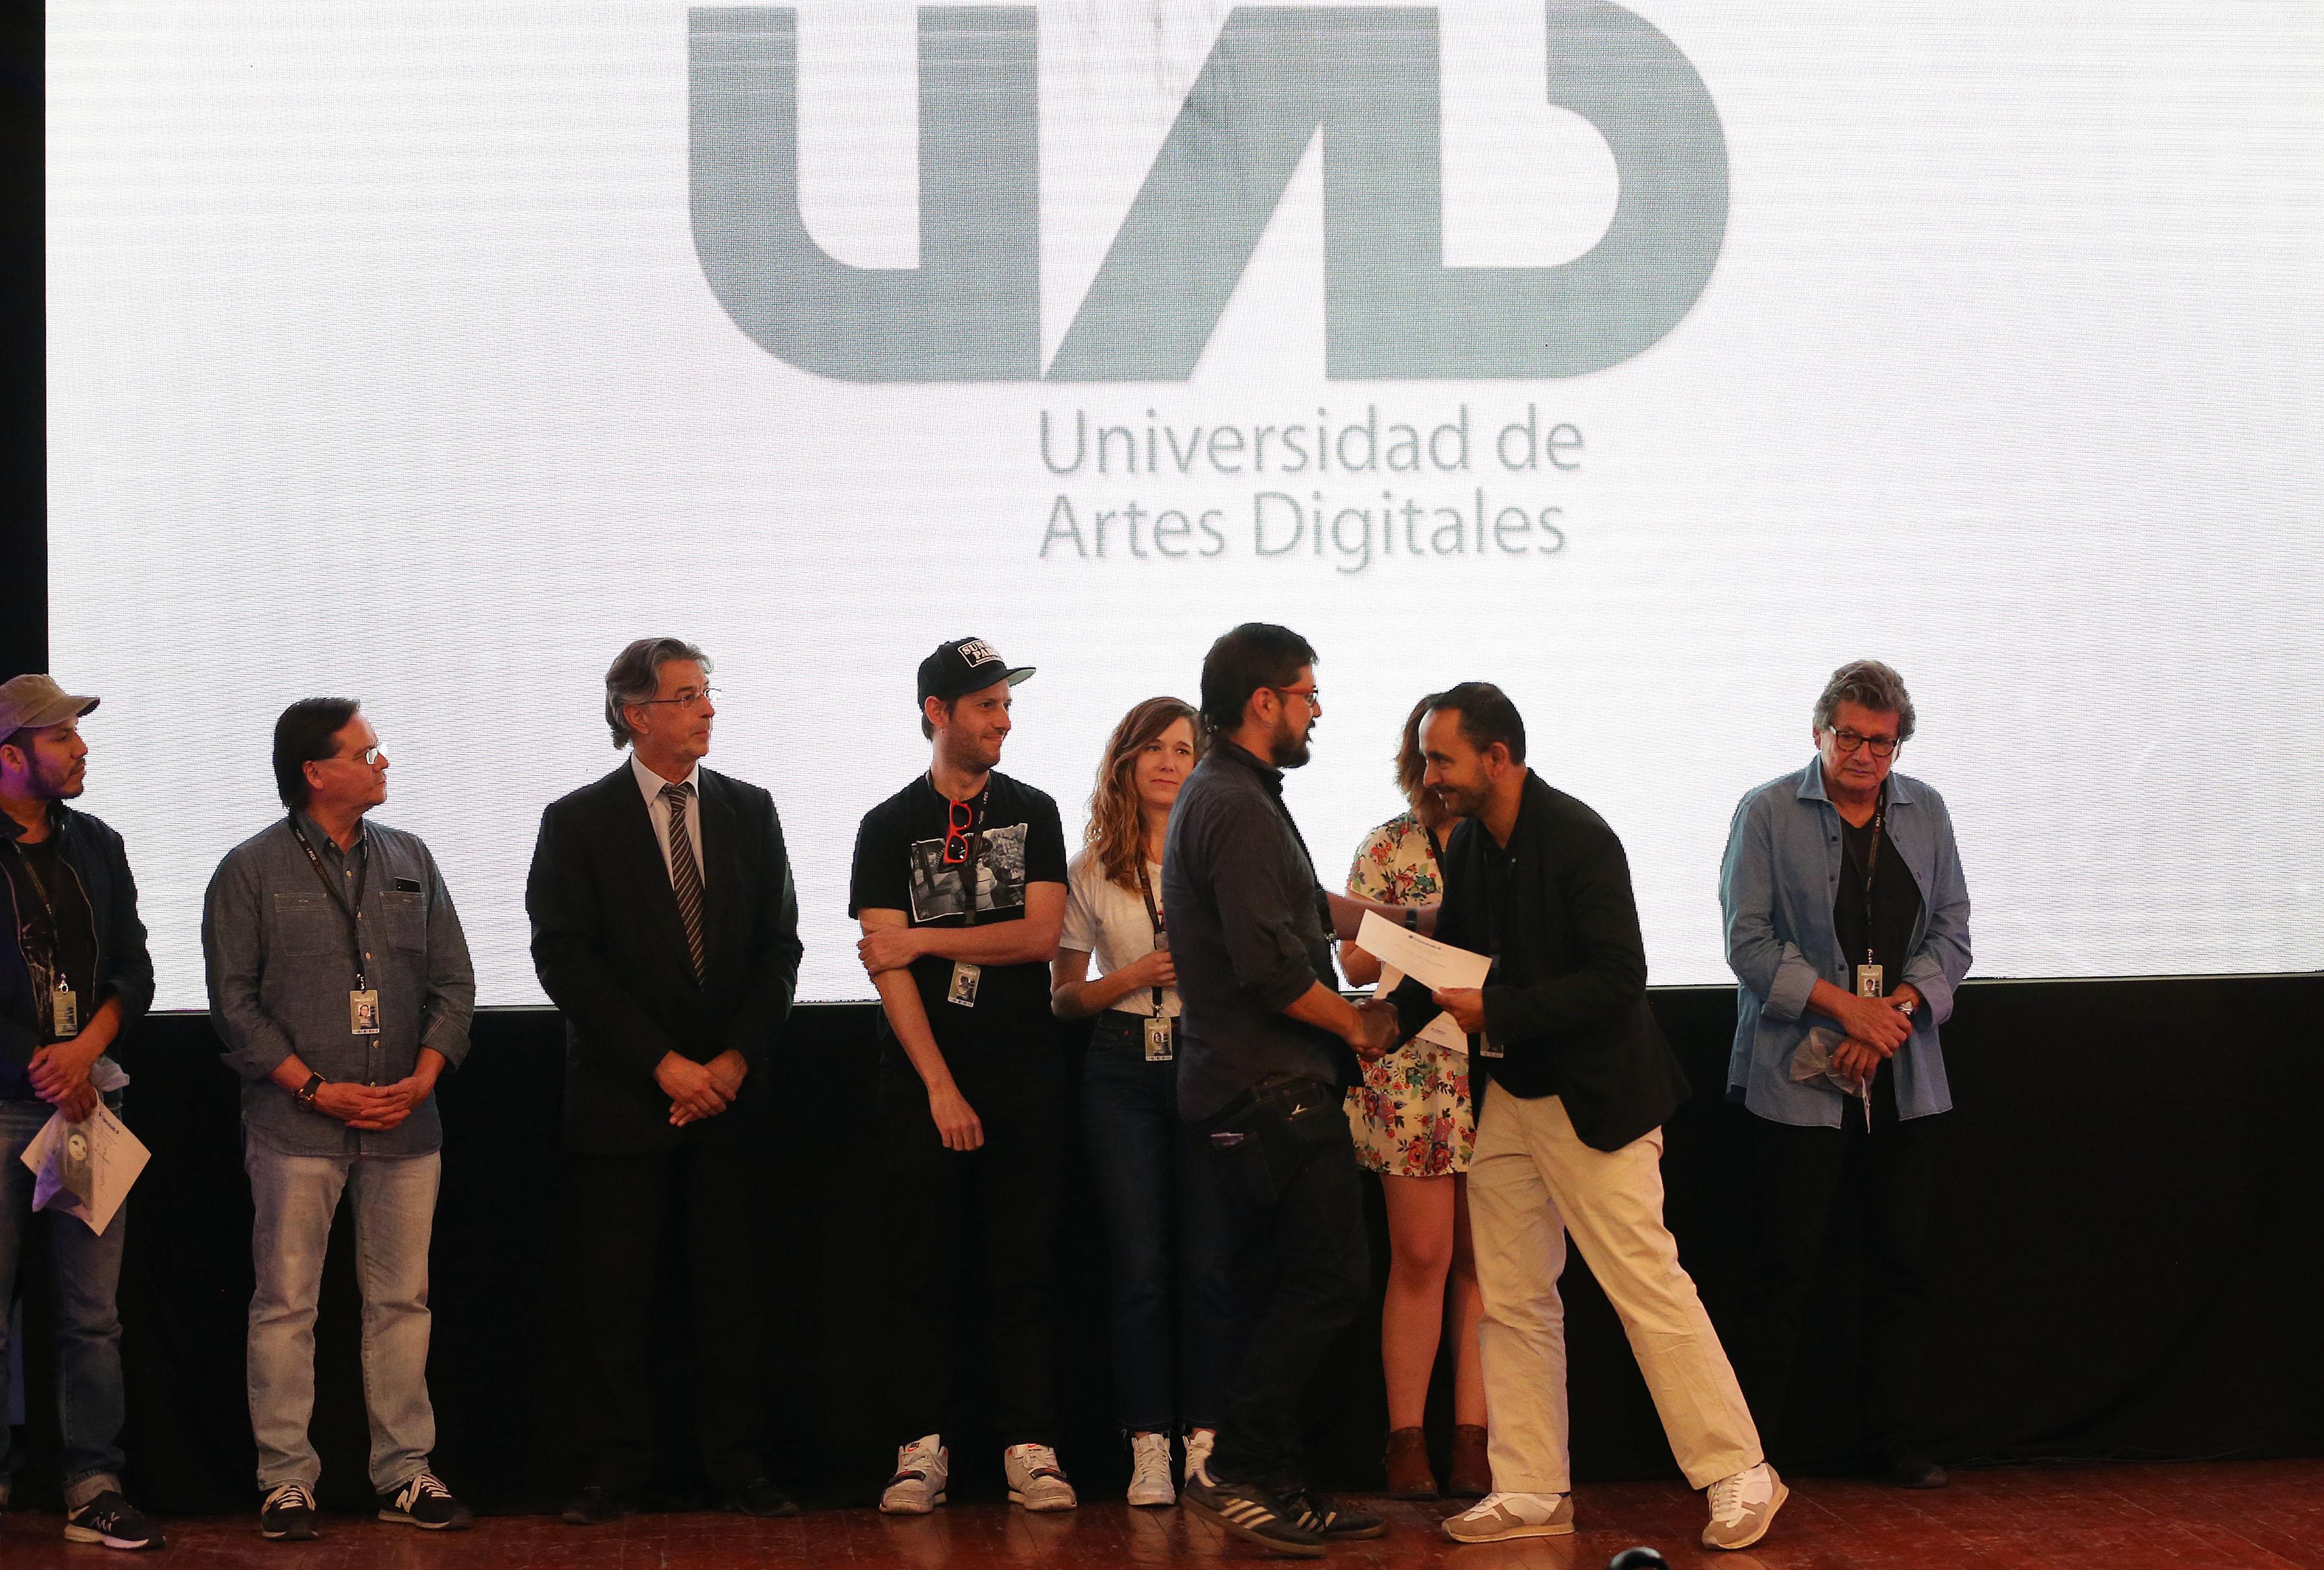 """Ceremonia de premiación de la novena edición de """"Doculab GDL"""", en el marco del Festival Internacional de Cine en Guadalajara (FICG 32)."""